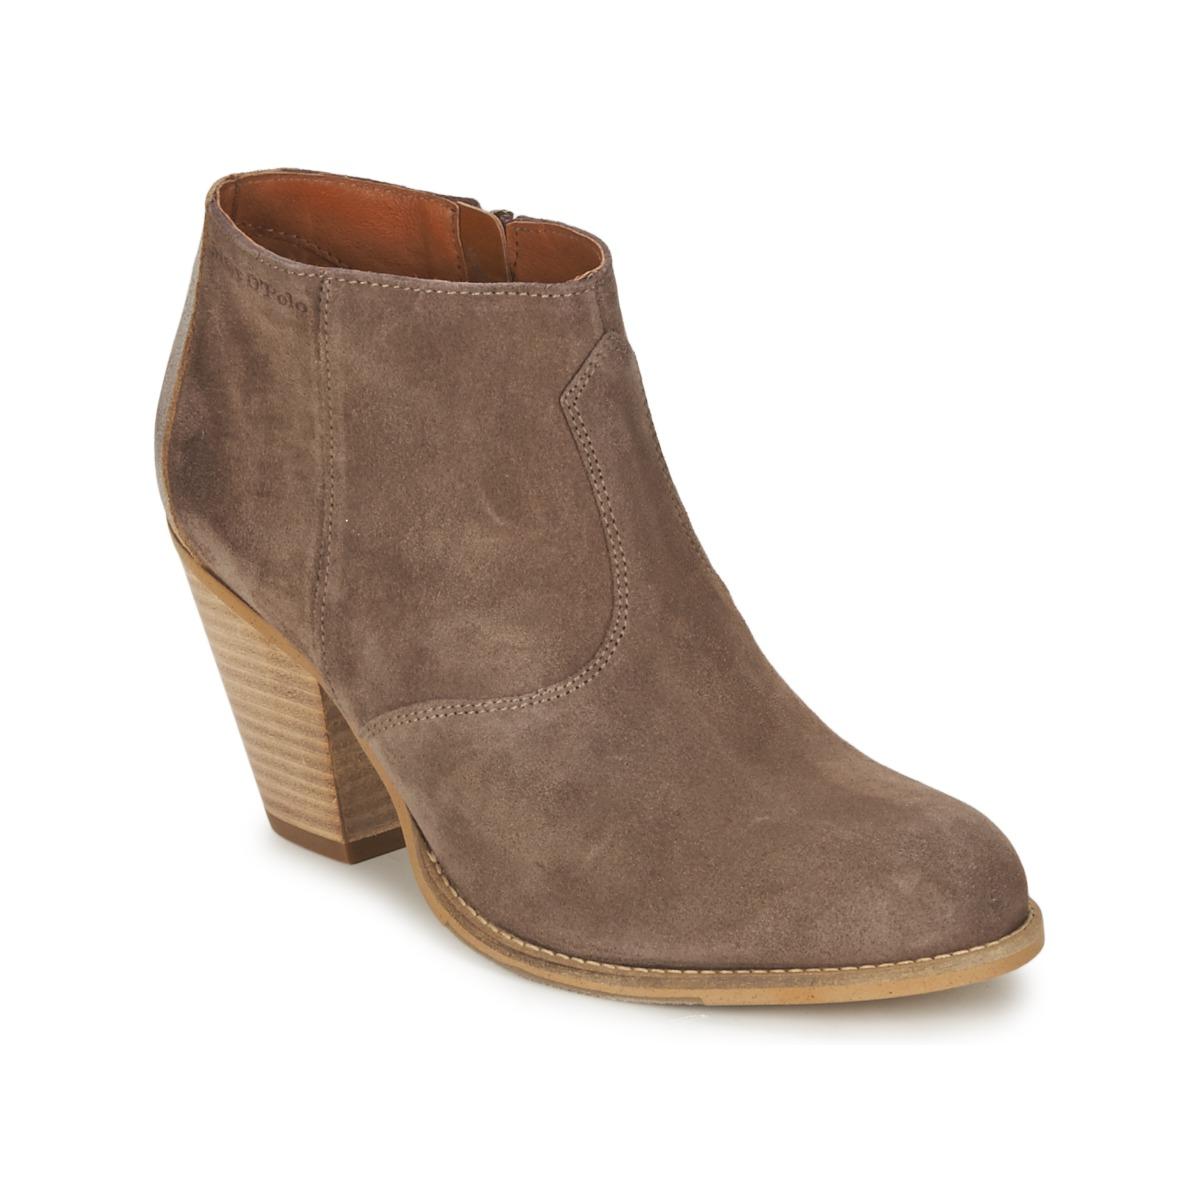 Marc O'Polo  Braun - Kostenloser Versand bei Spartoode ! - Schuhe Low Boots Damen 84,50 €